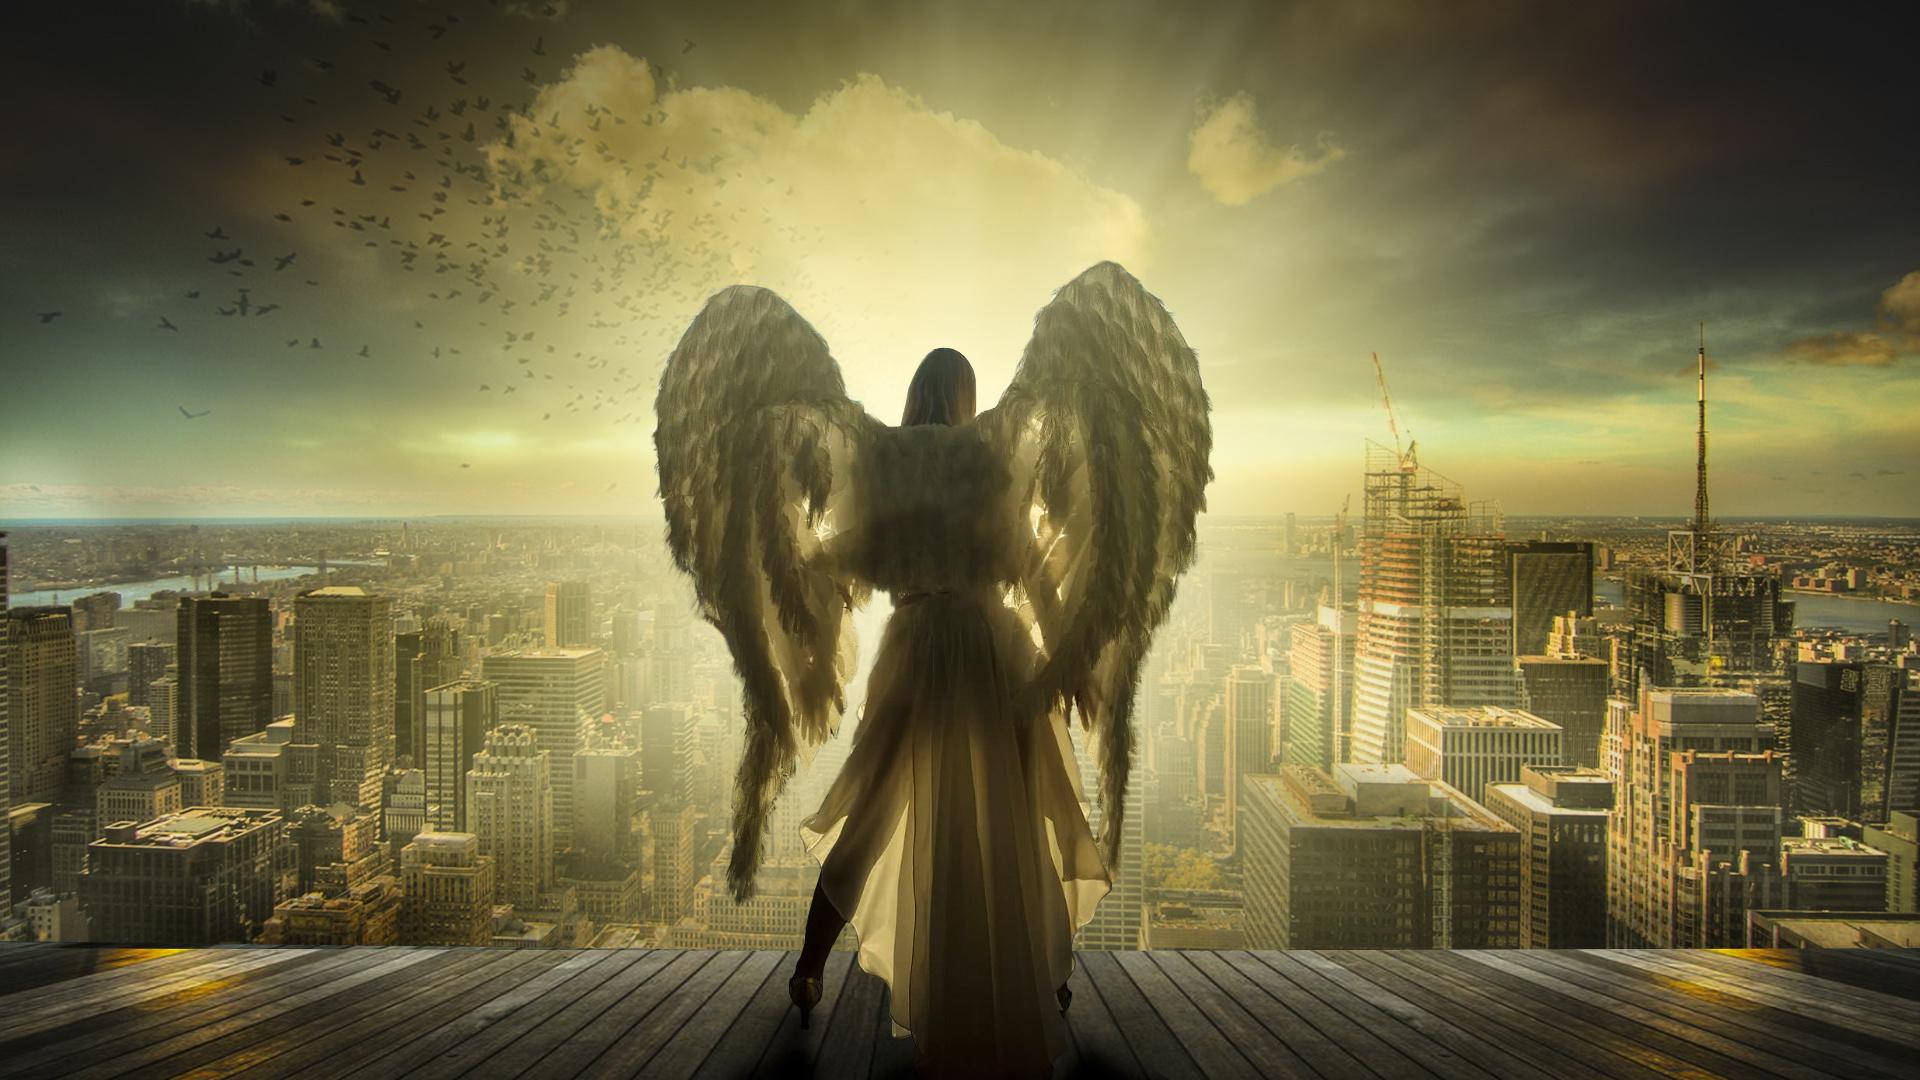 Ангелы в городе картинки